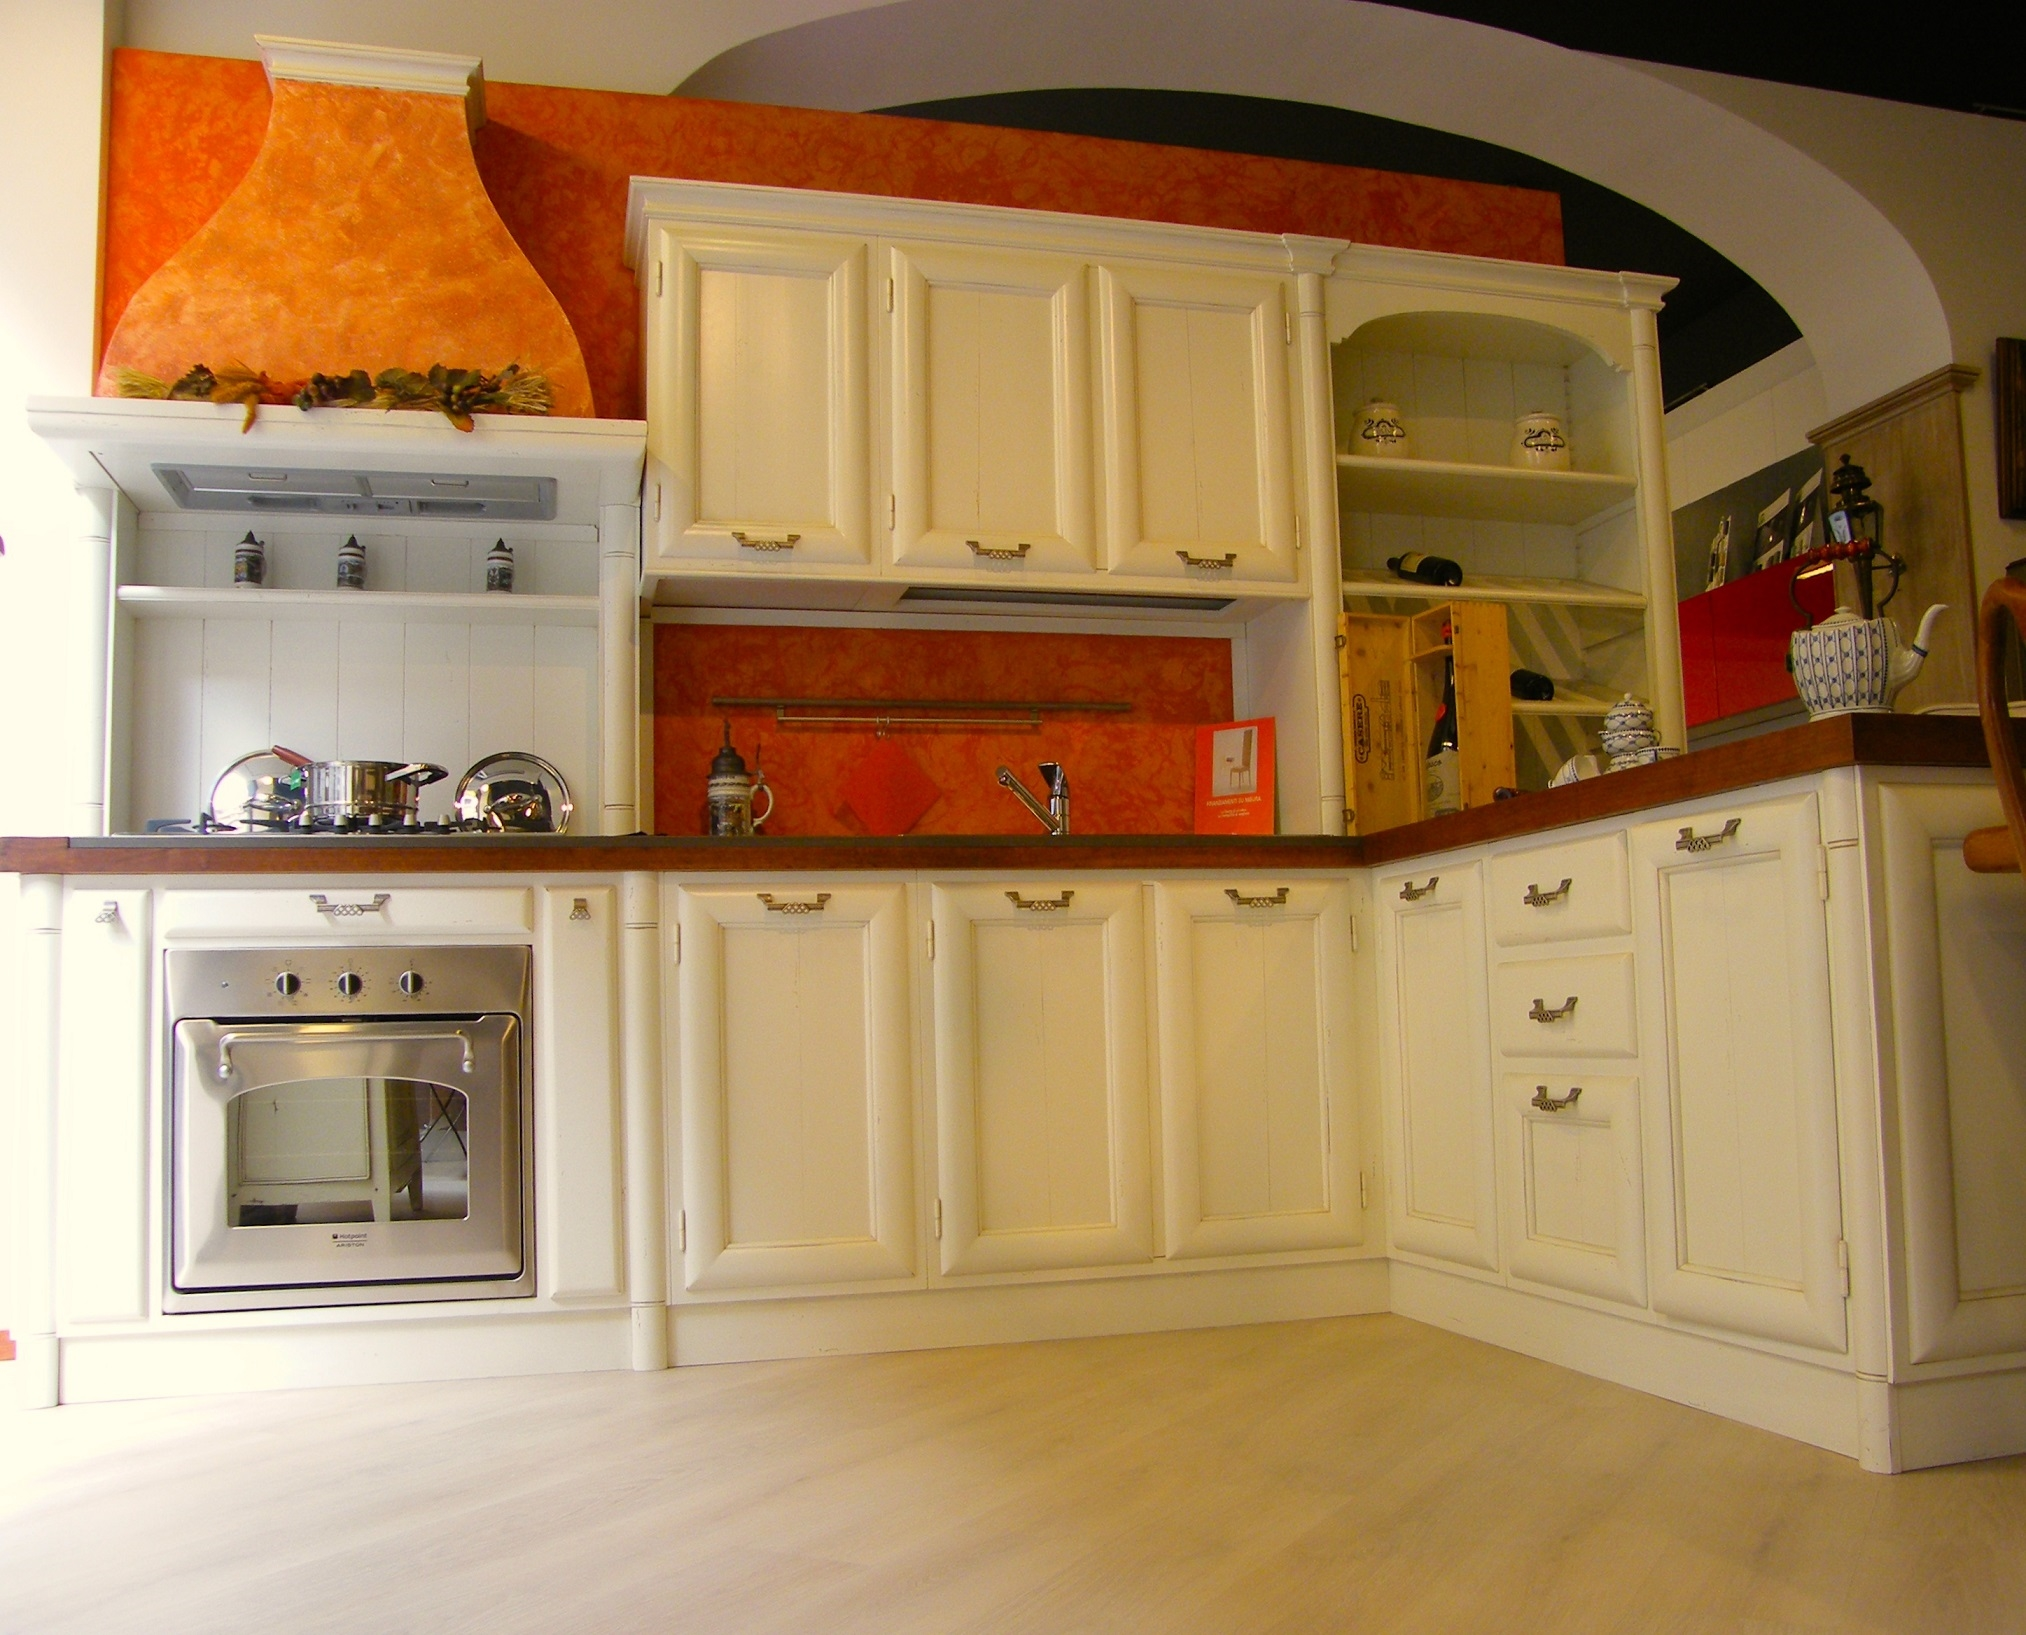 Cucina artigianale modello Amelia in legno massello laccata bianca ...